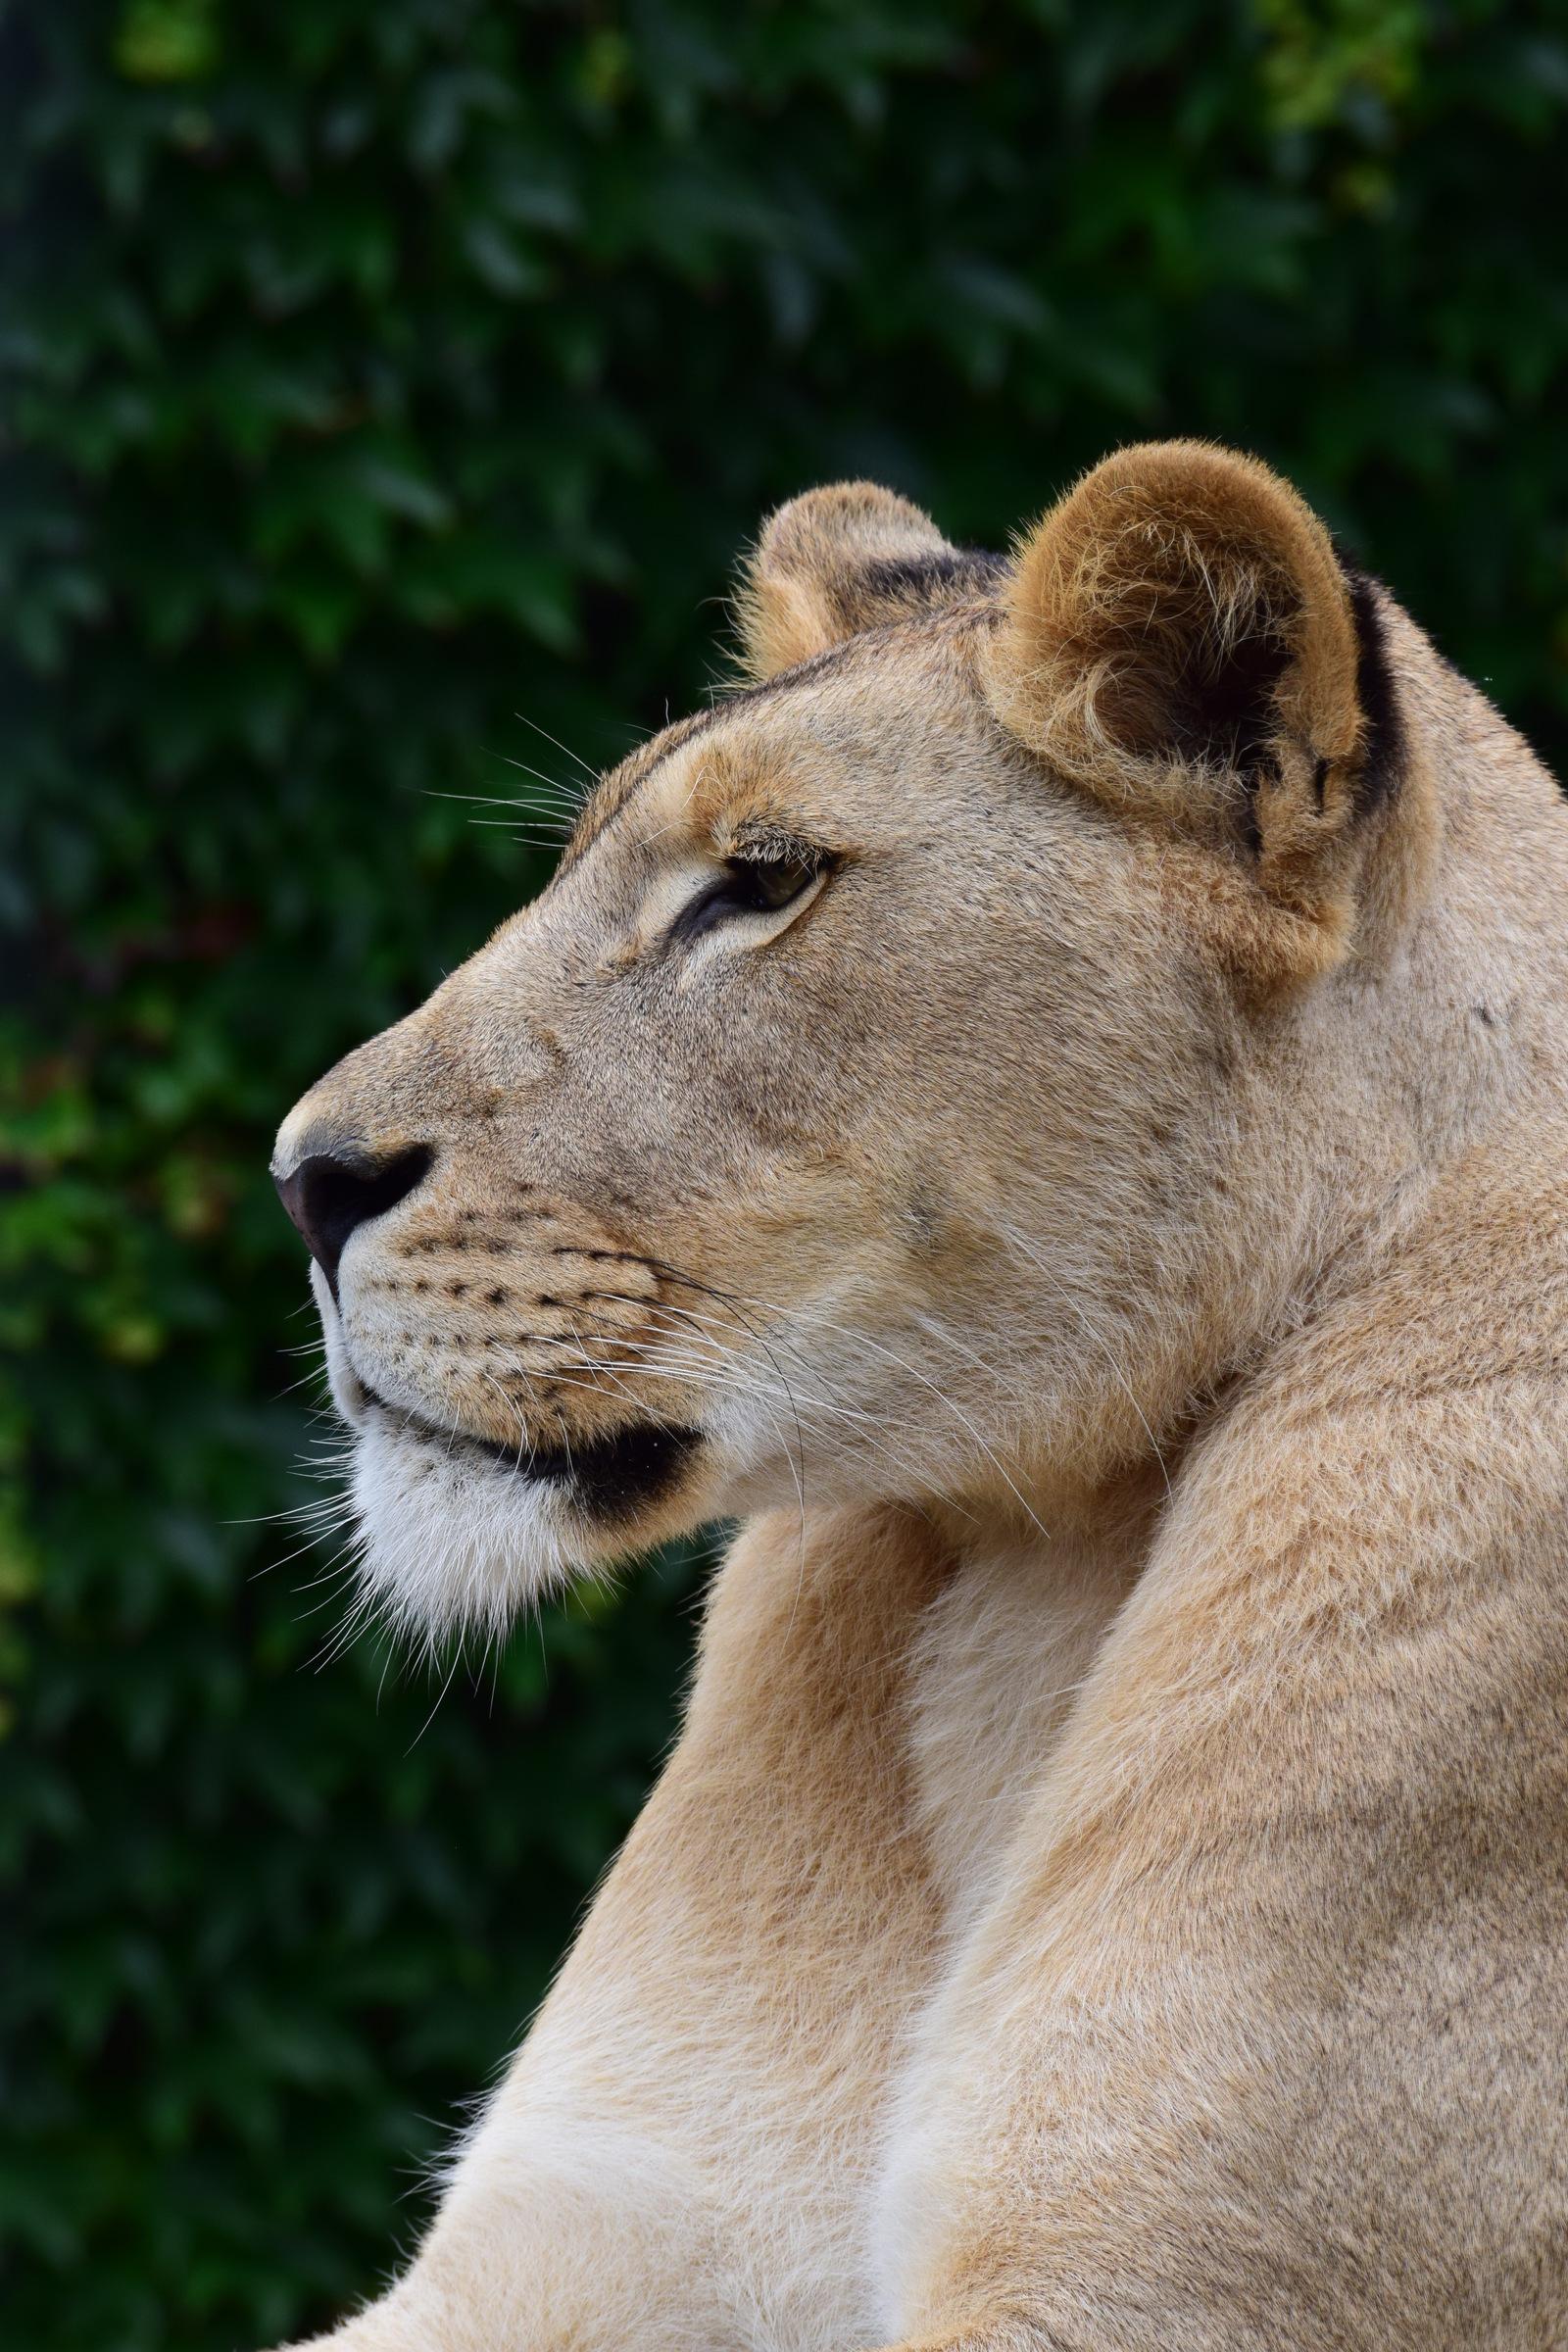 львы фото хорошего качества